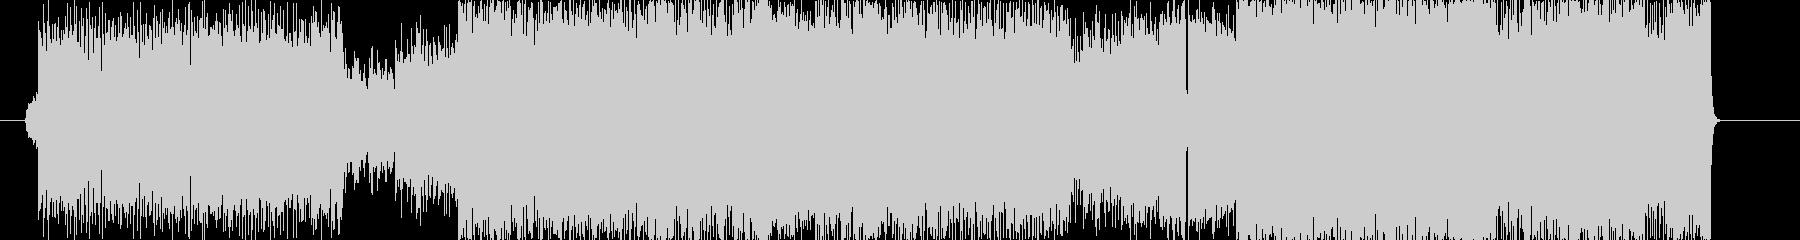 バッハの平均律クラヴィーア集をアレンジ…の未再生の波形